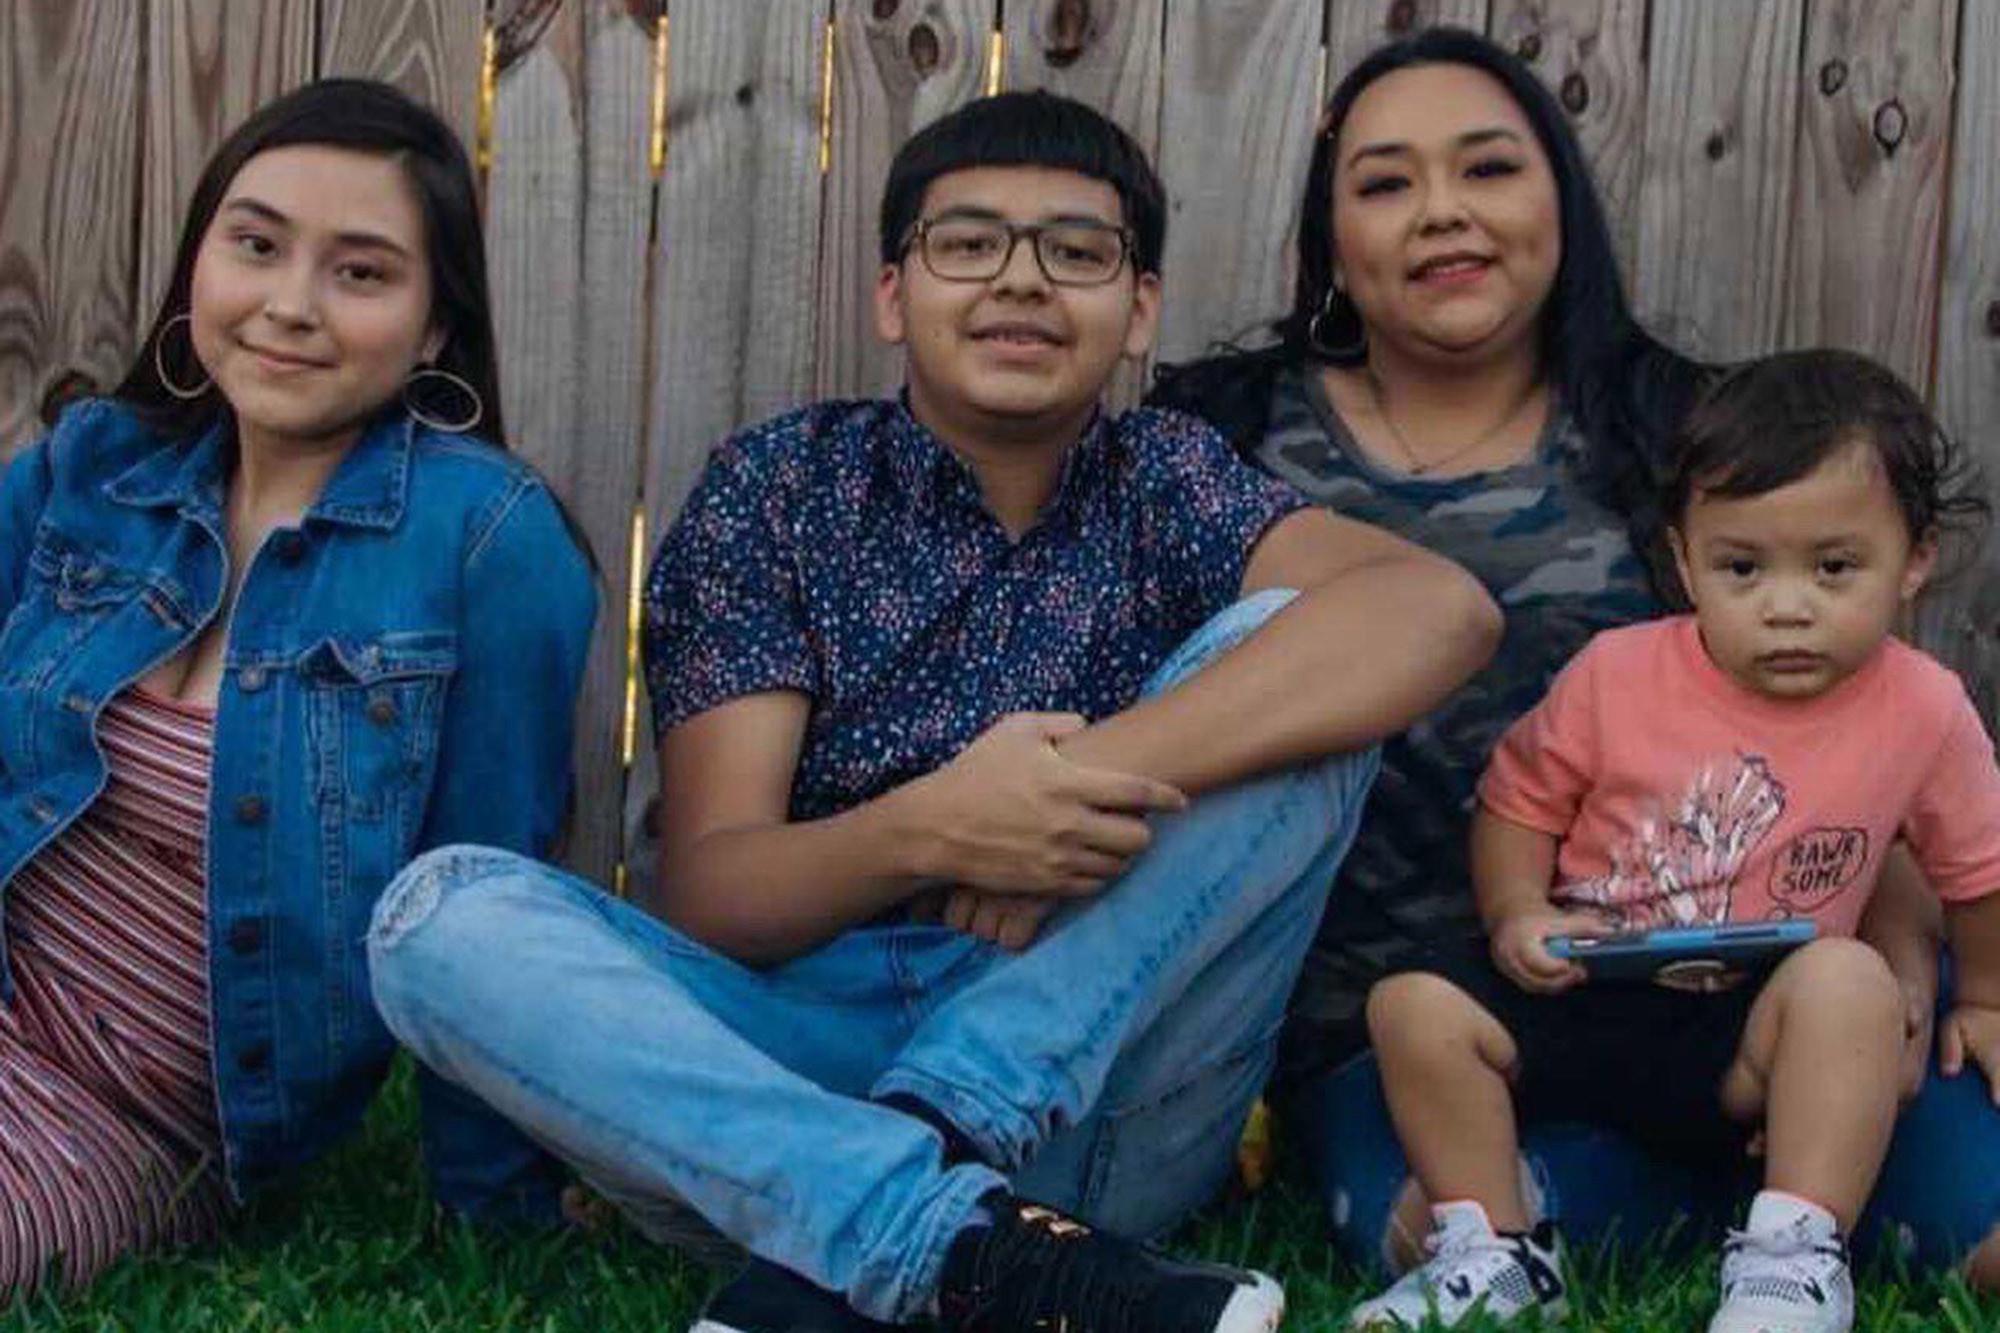 Erica Hernandez Houston missing mom